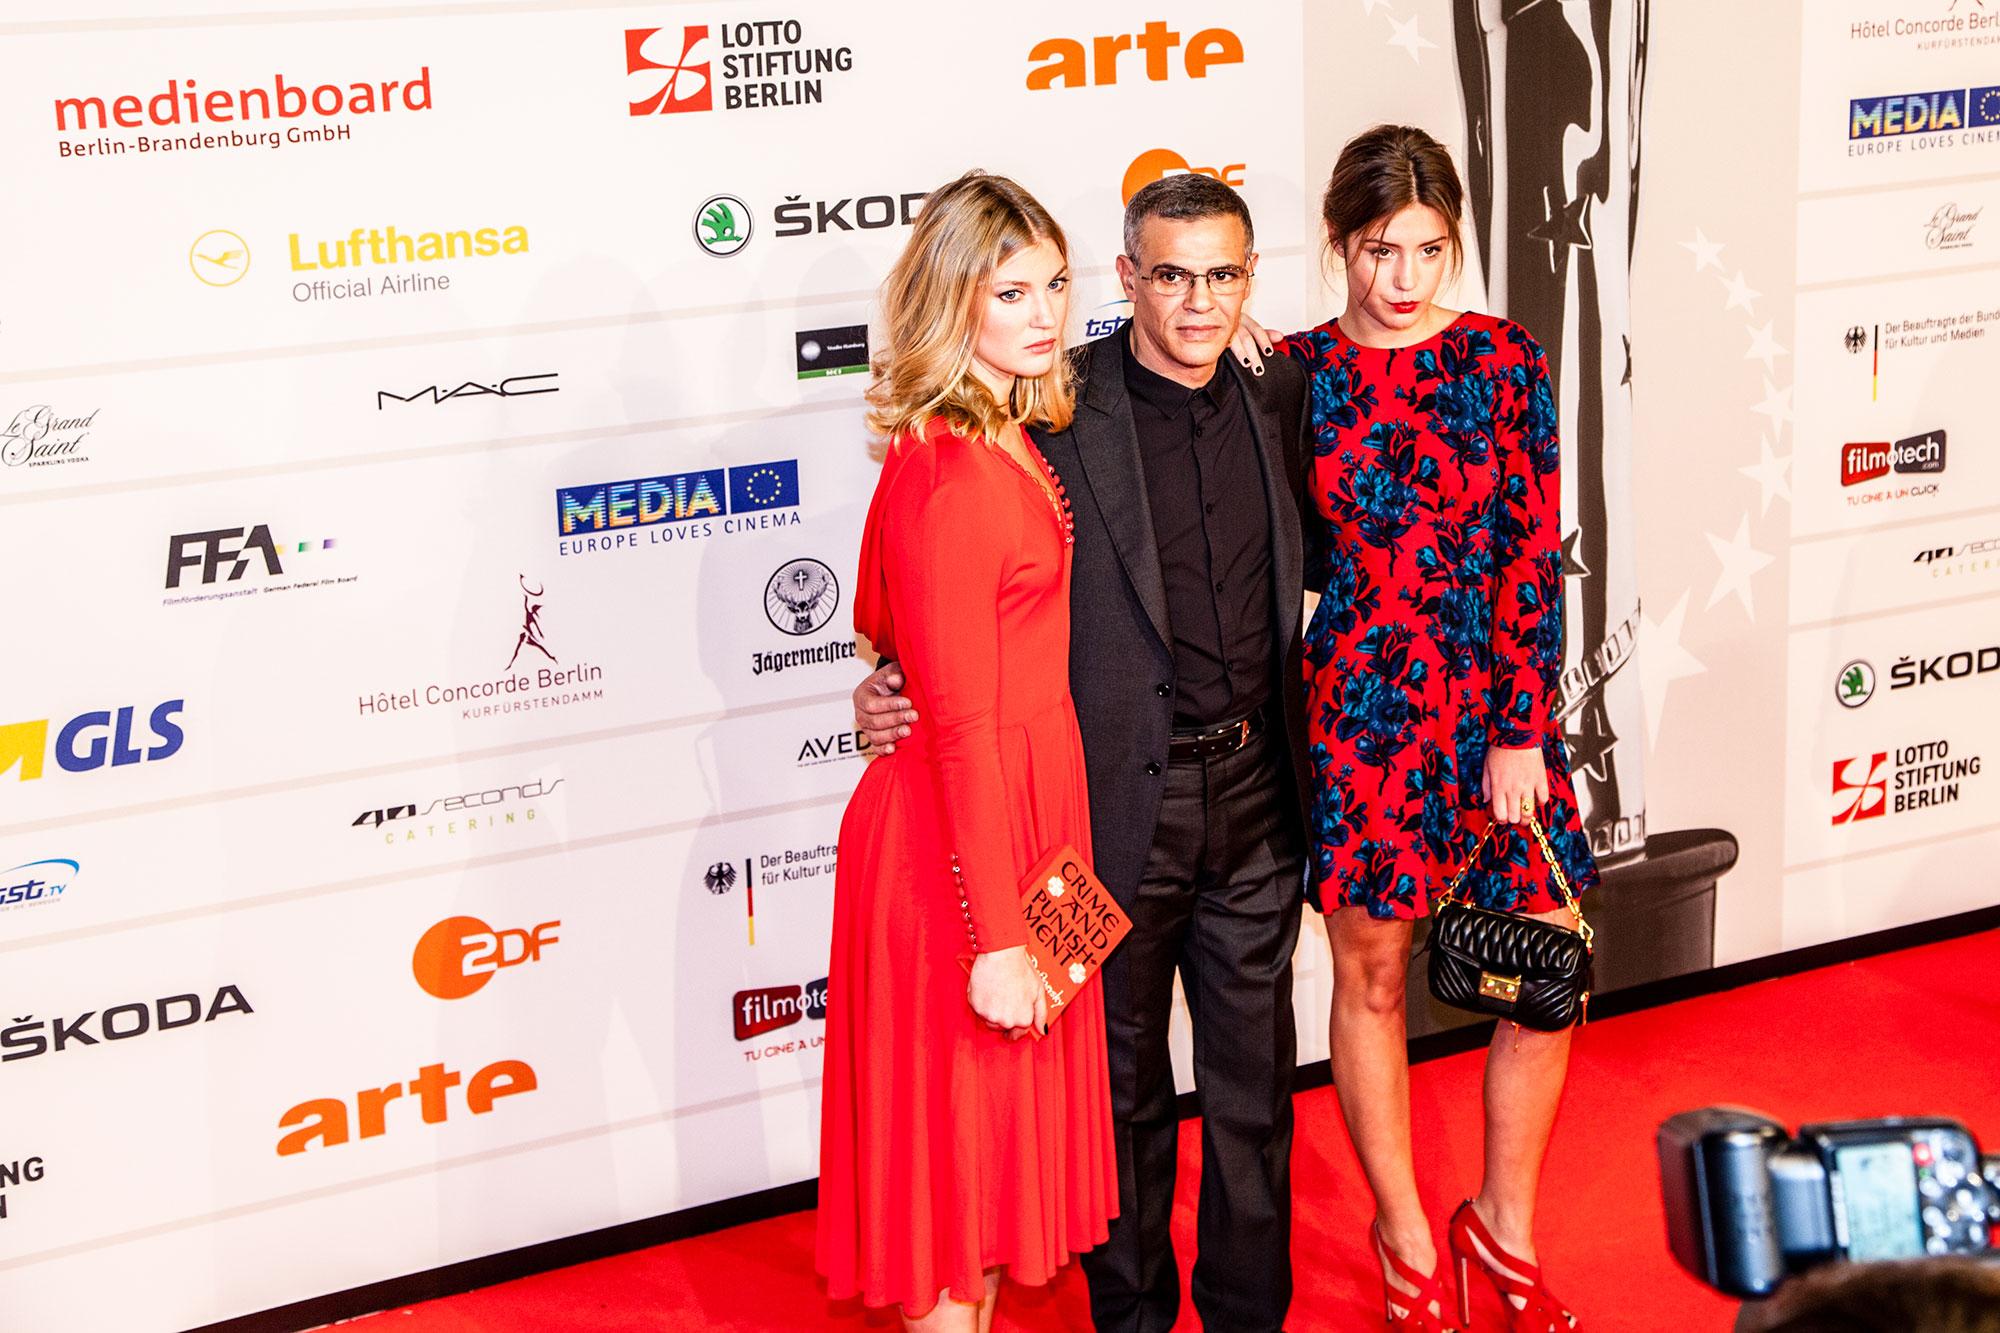 """Teppich berlin  Fotos """"European Film Awards 2013, Roter Teppich, Berlin"""" für ..."""